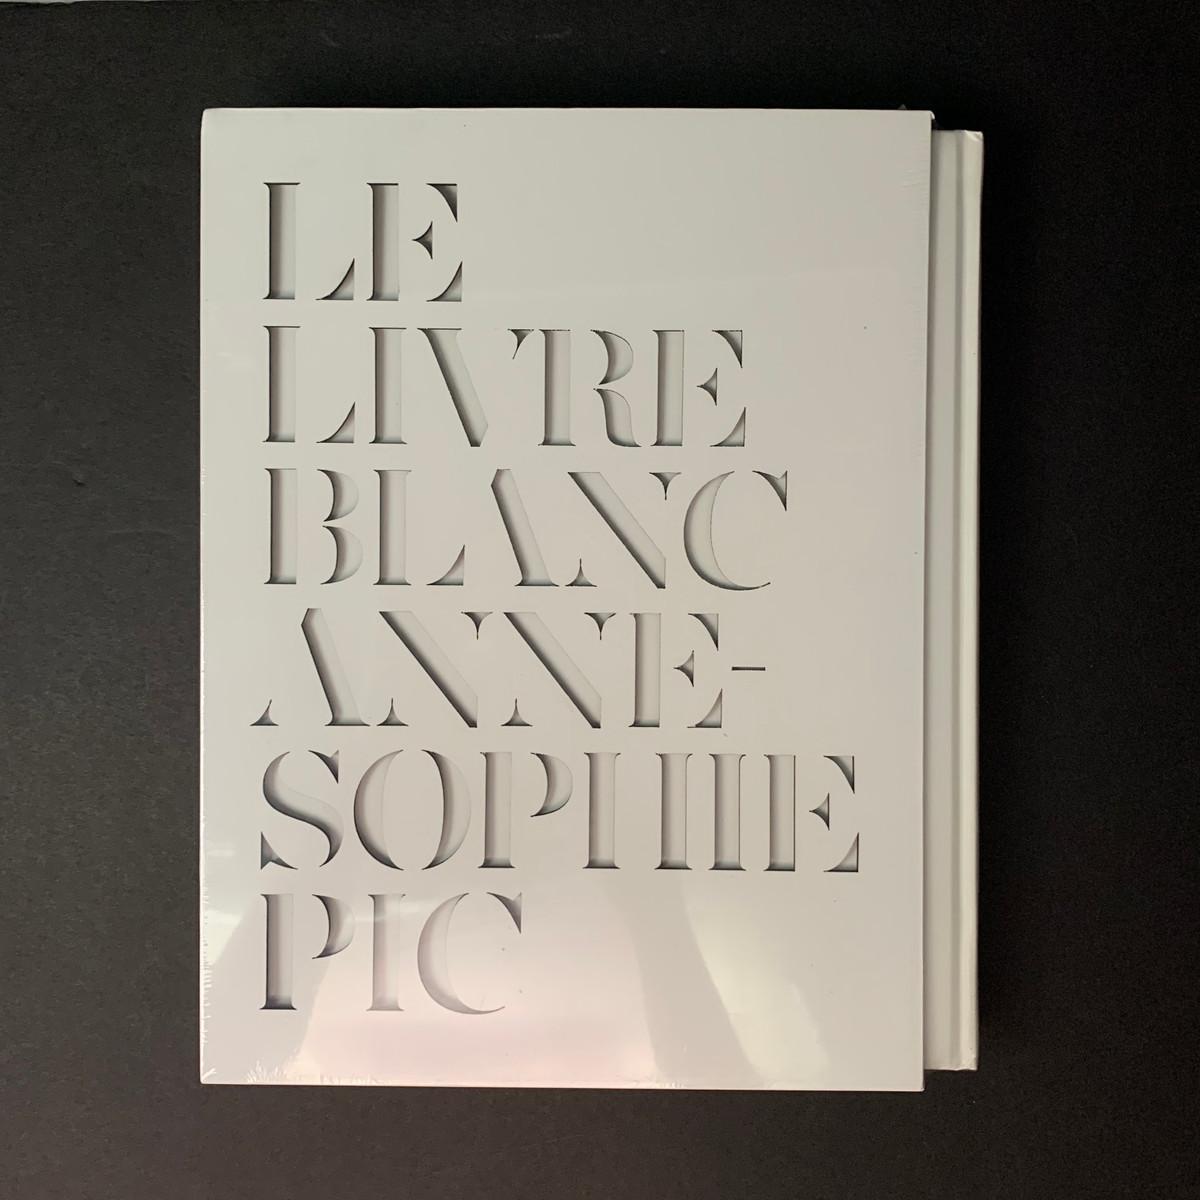 Le Livre Blanc | Anne-Sophie Pic